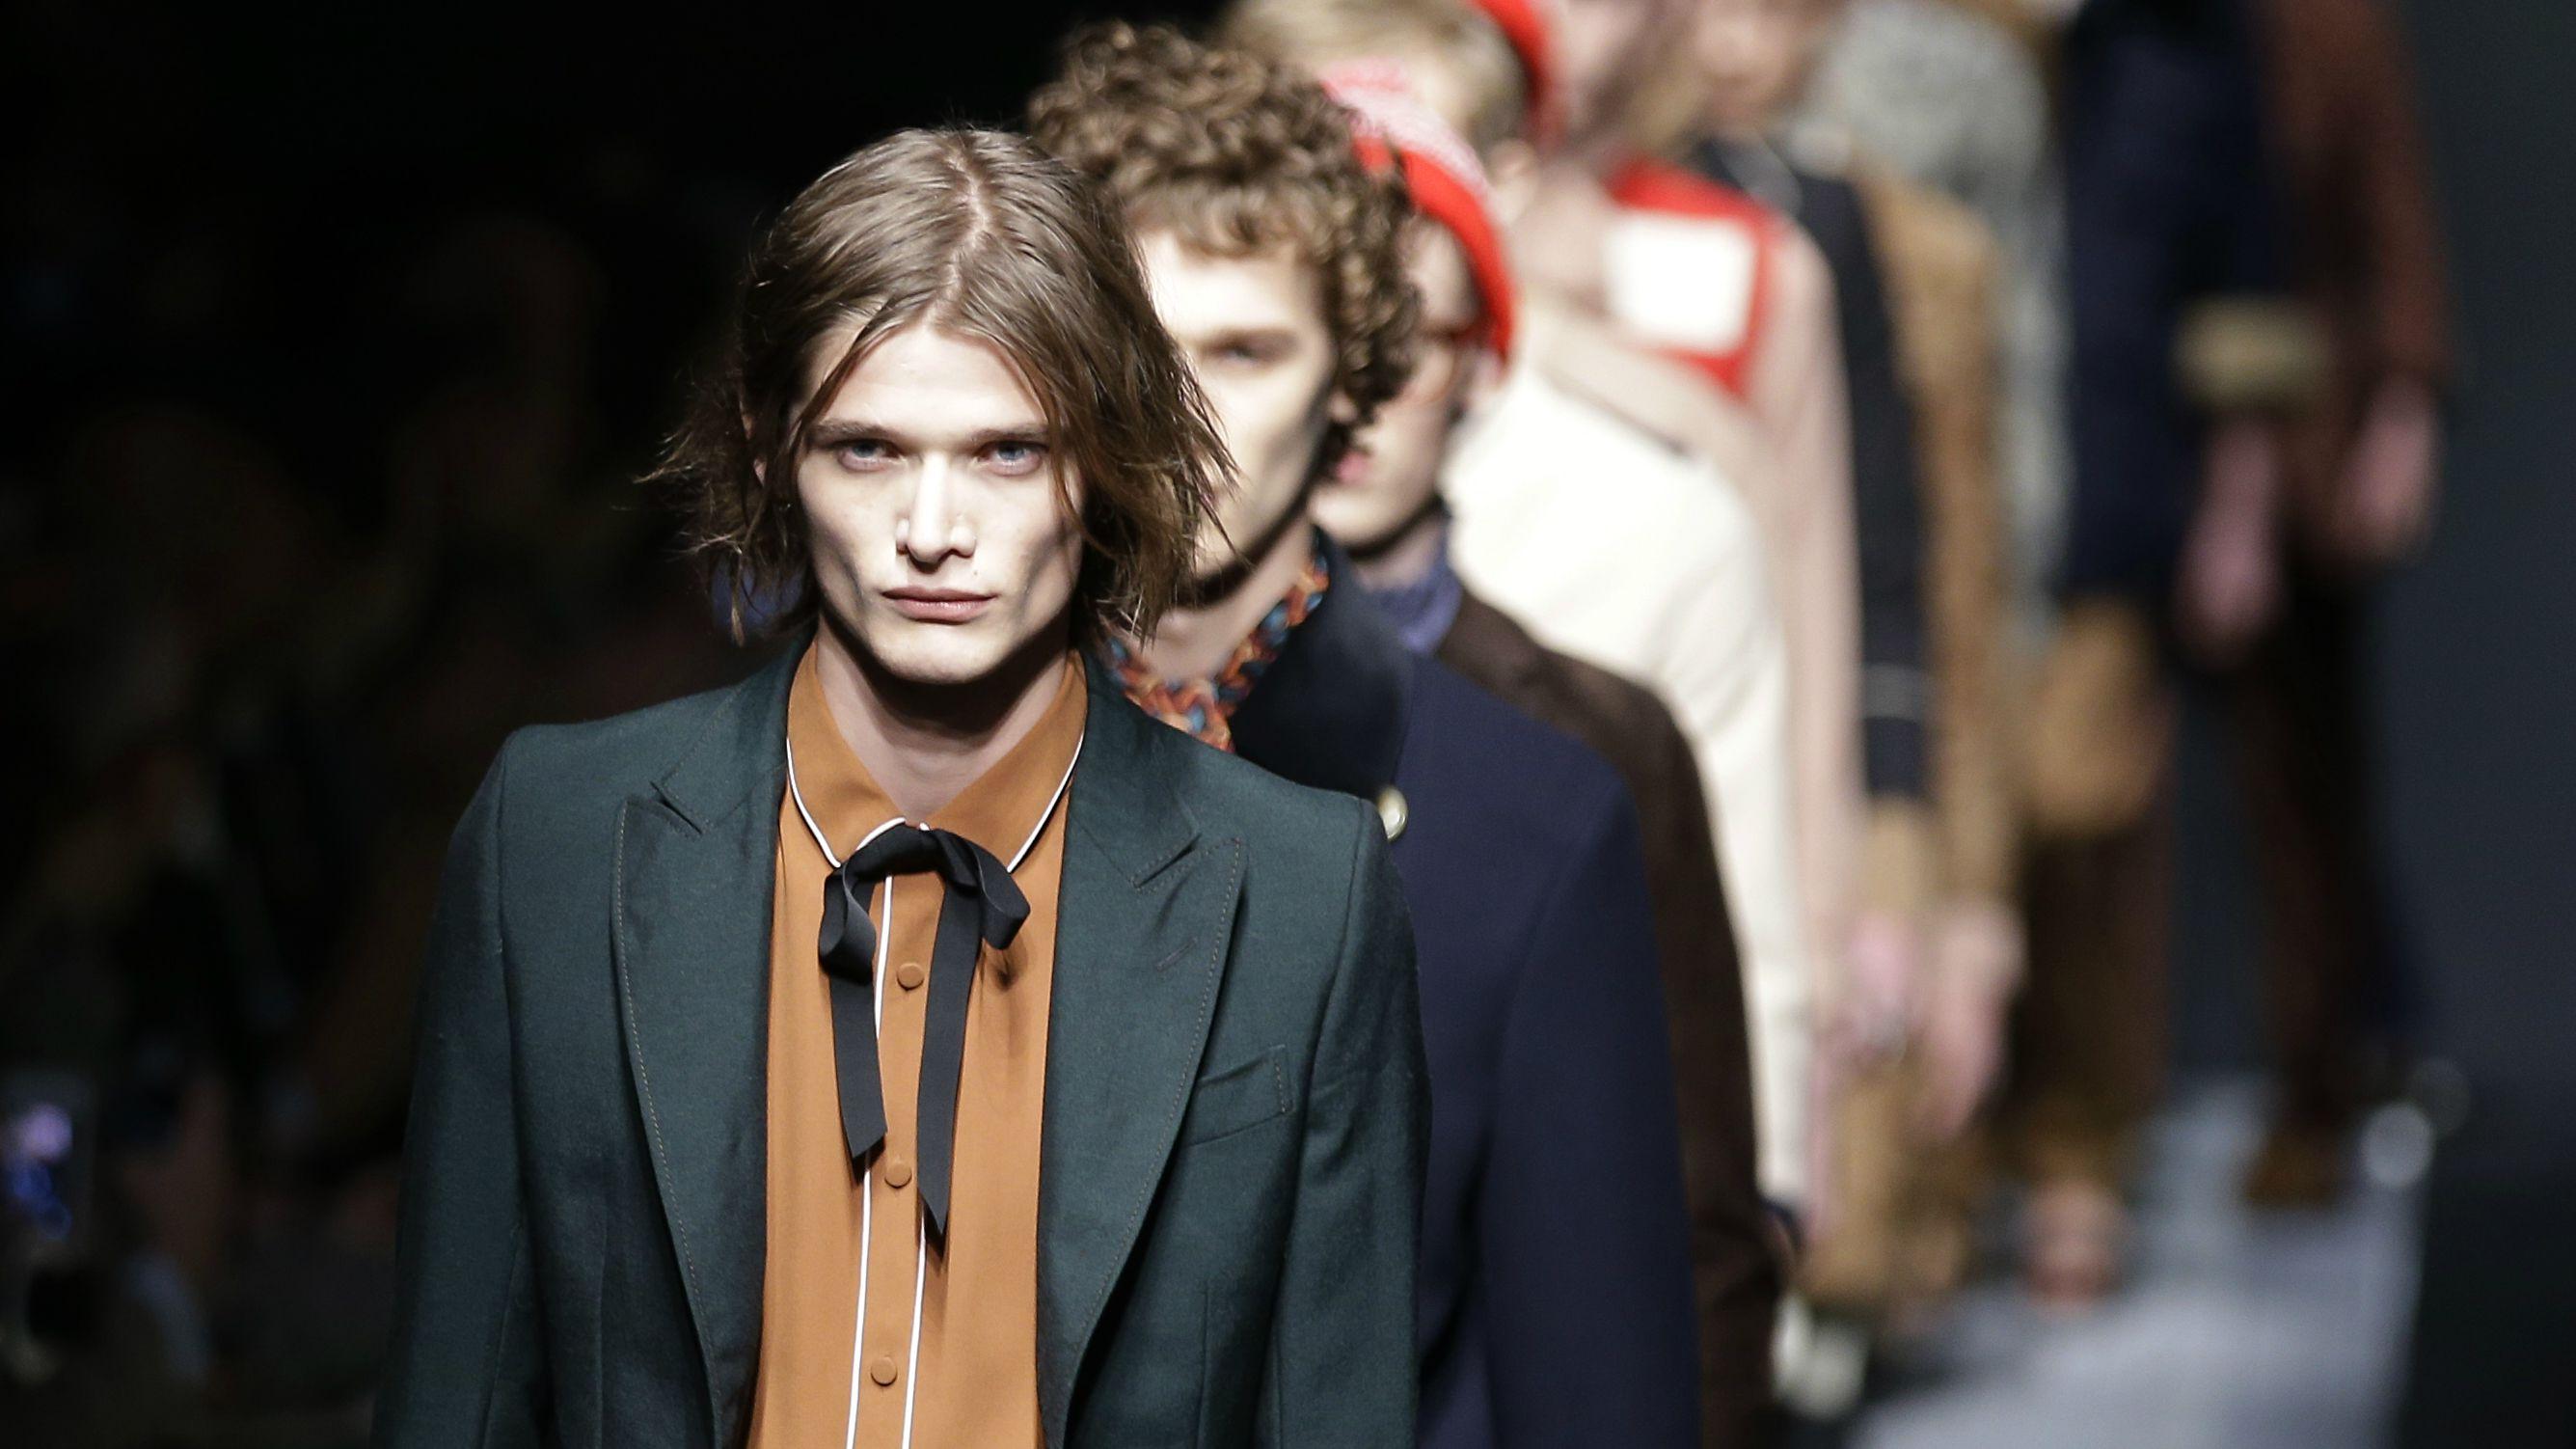 acd92f0c47f0 AP Photo/Antonio Calanni. Models in Gucci's ...